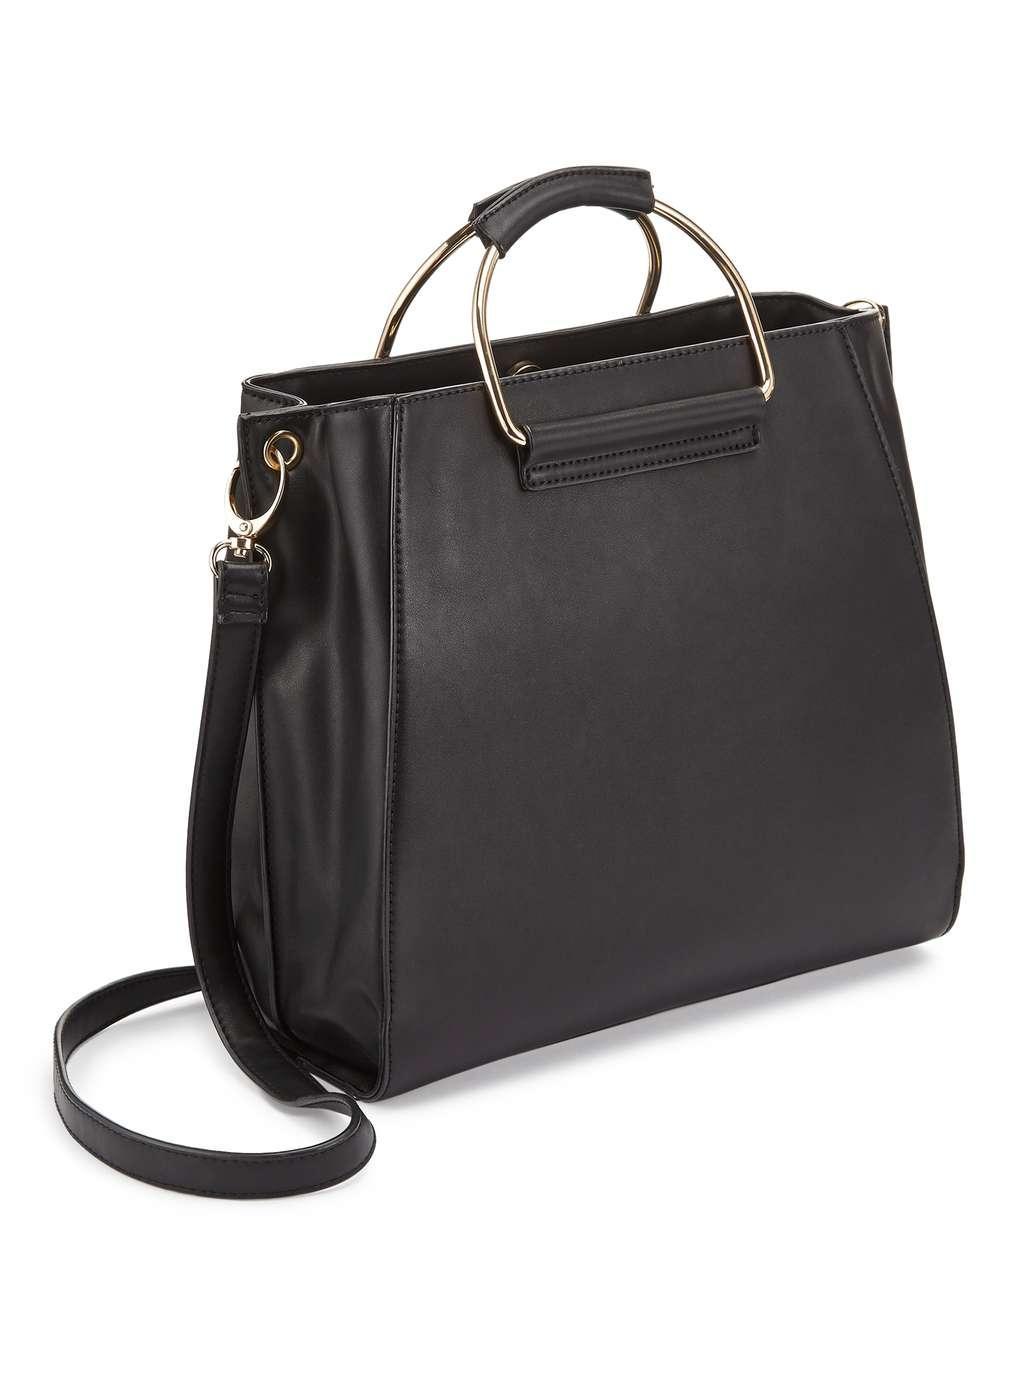 Miss Selfridge Black O Ring Metal Tote Bag